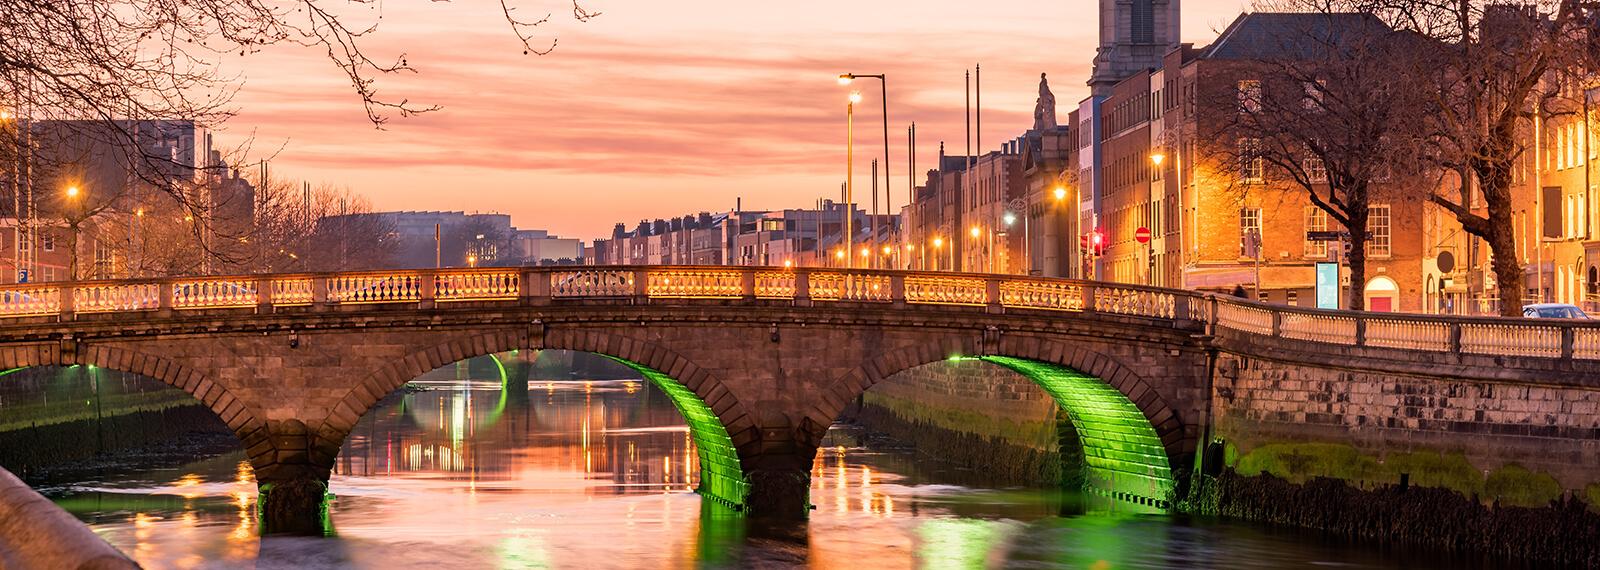 DublinSunset